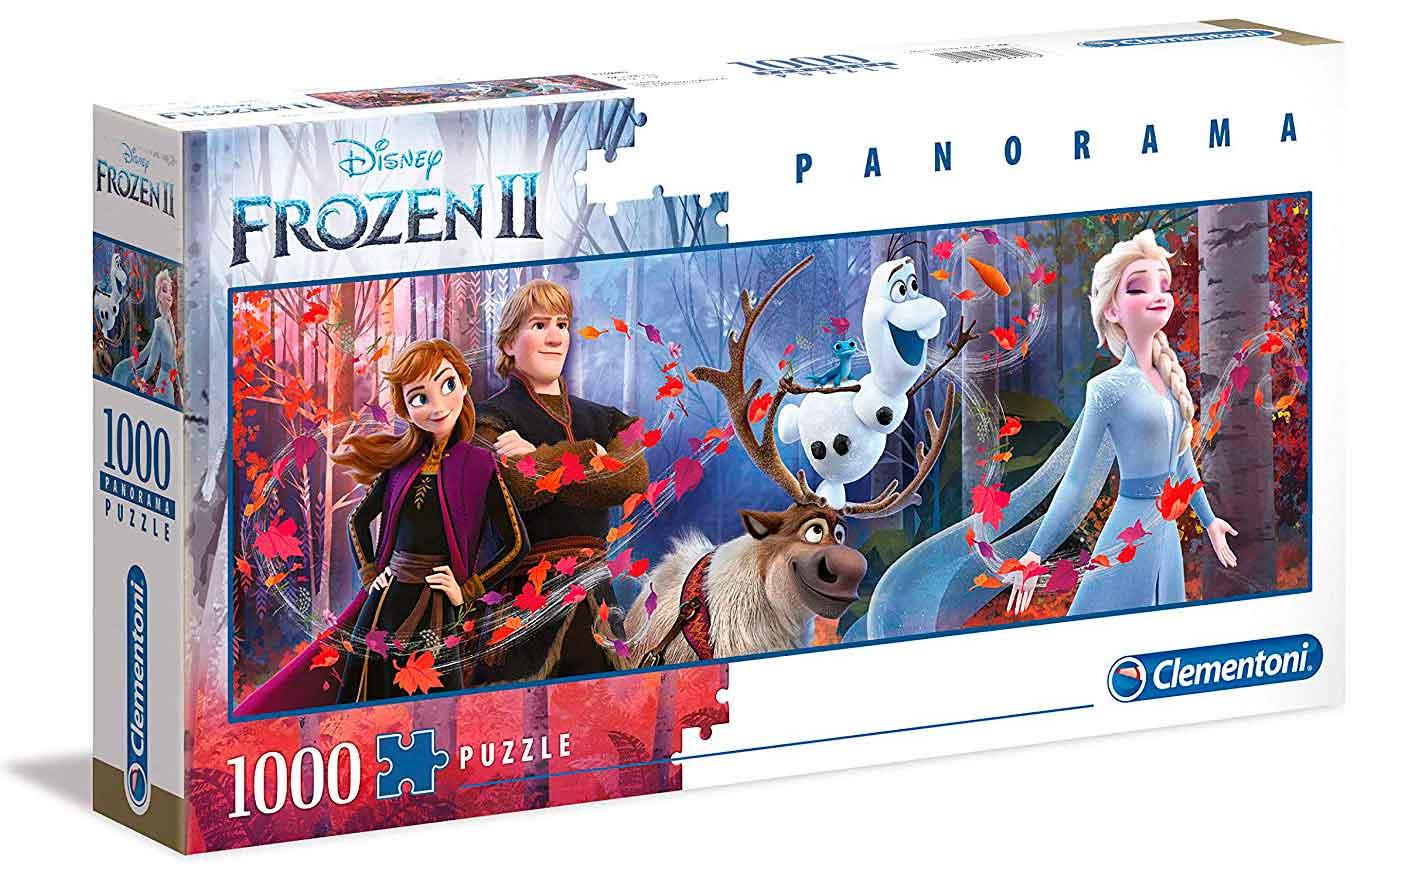 Puzzle Clementoni Frozen 2 Panorámico de 1000 Piezas